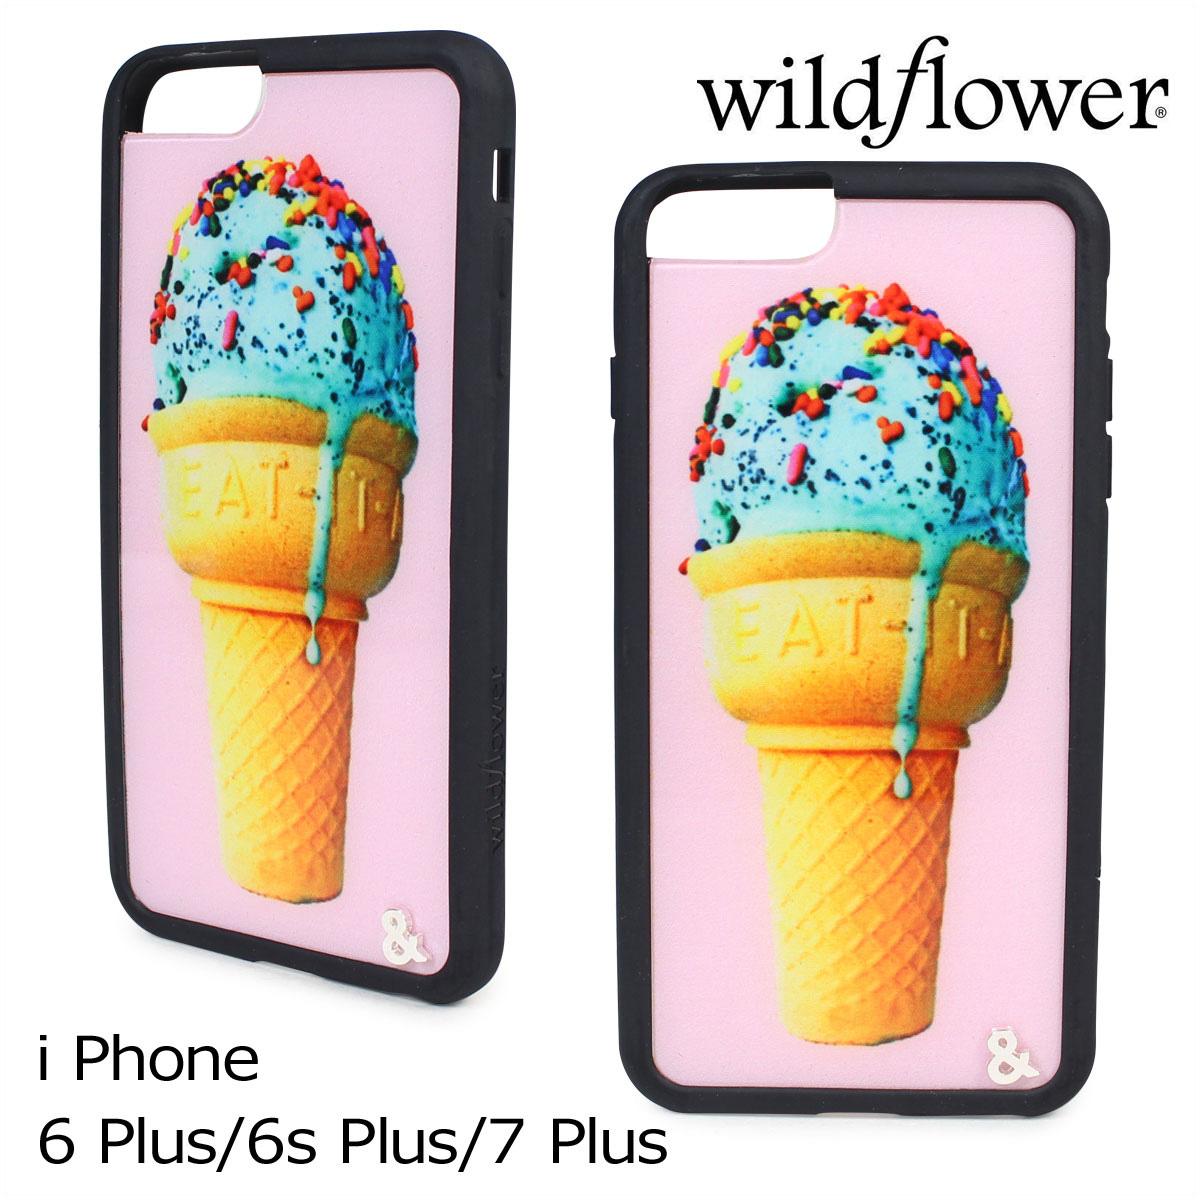 wildflower ワイルドフラワー iPhone 8 7 6 6s Plus ケース スマホ 携帯 アイフォン レディース マルチカラー JMIN 【ネコポス可】